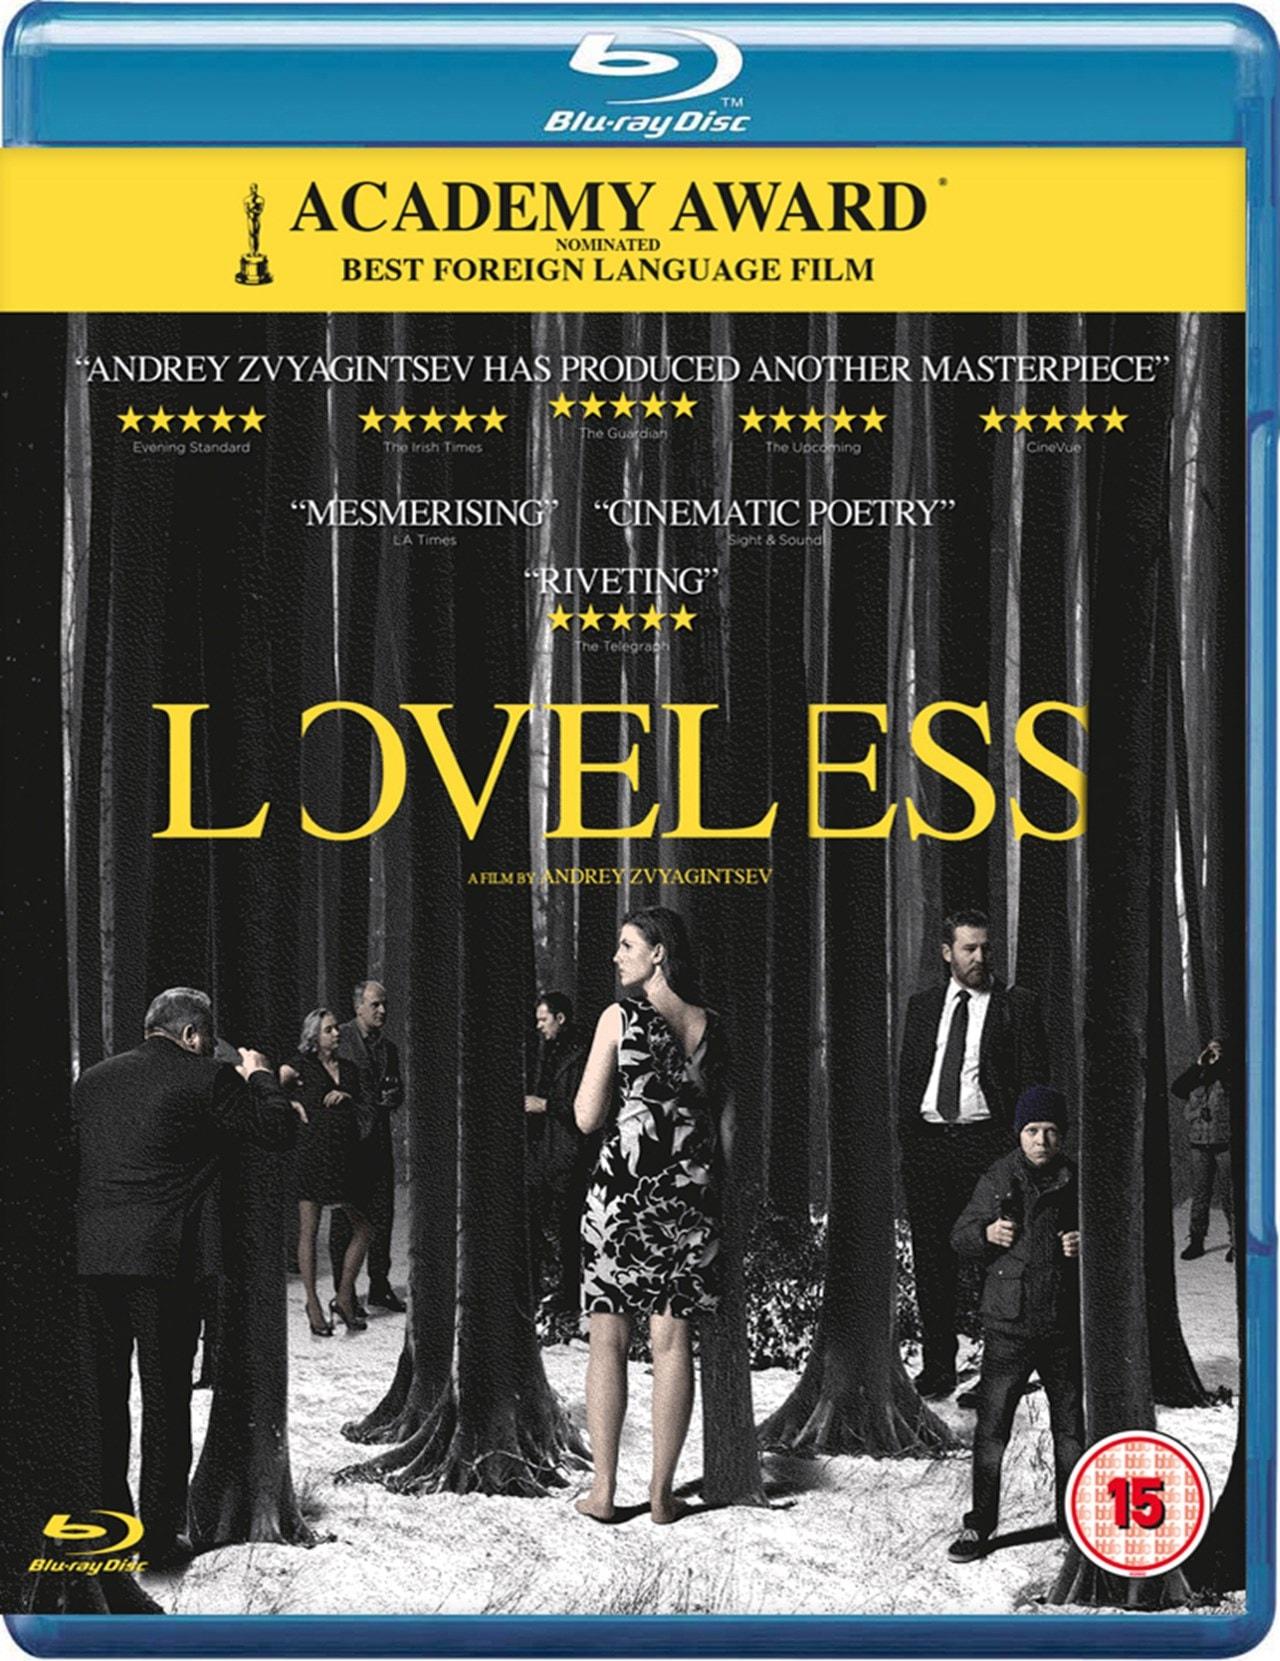 Loveless - 1